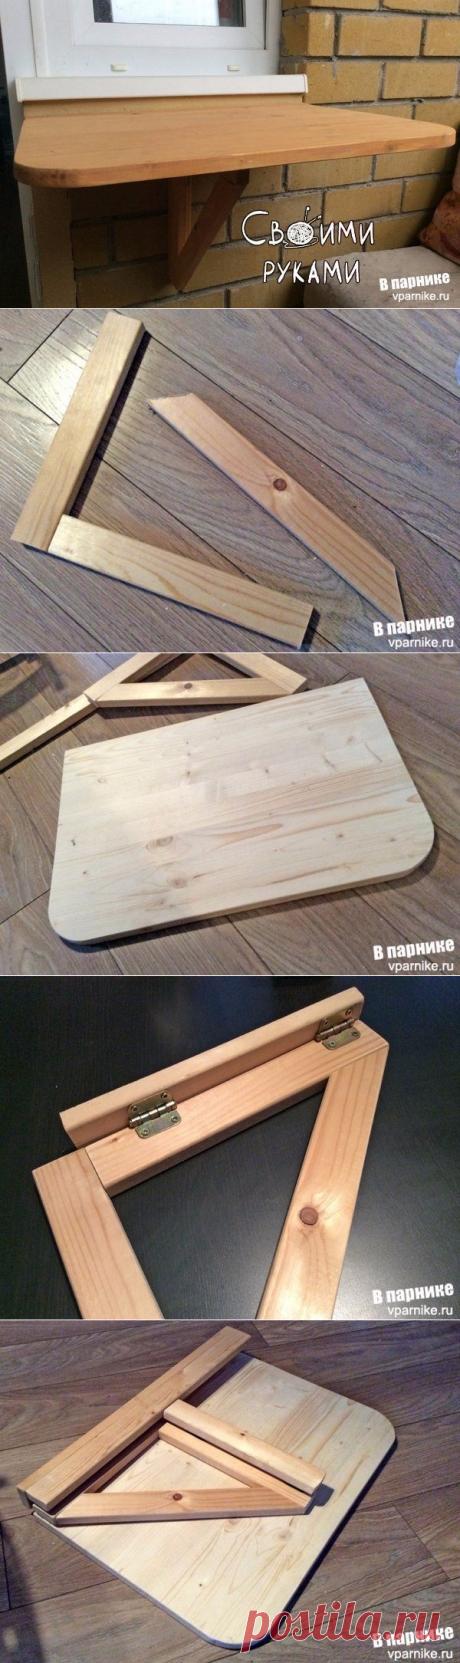 Небольшой раскладной столик своими руками